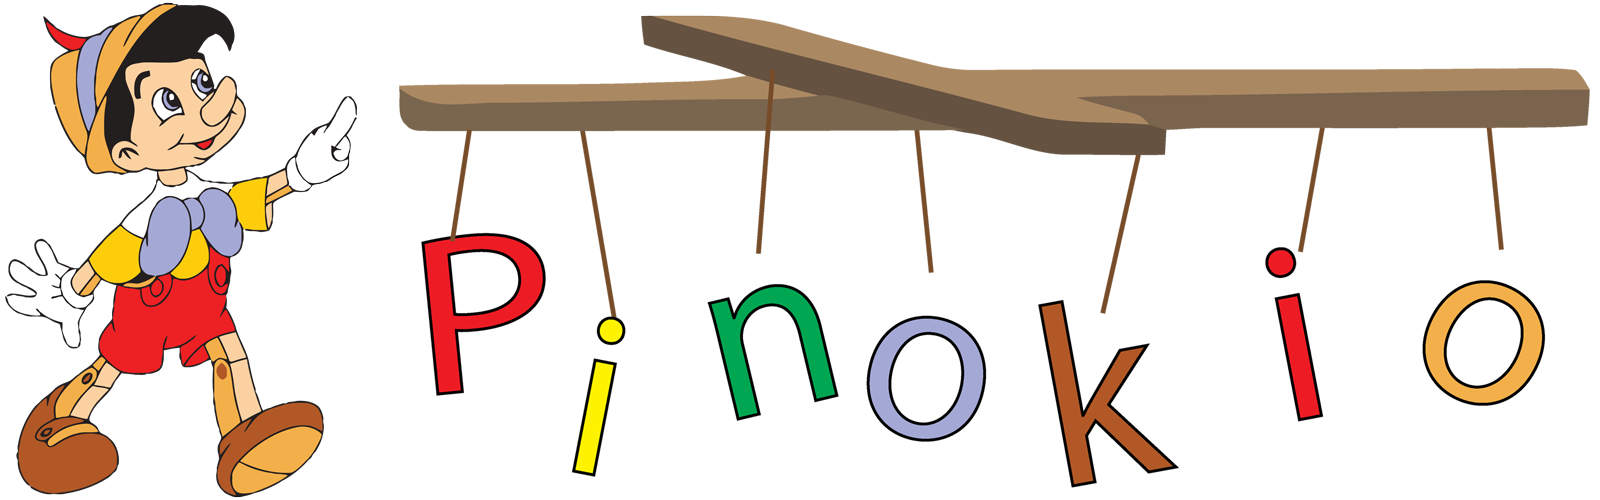 pinokio-logo-web-2